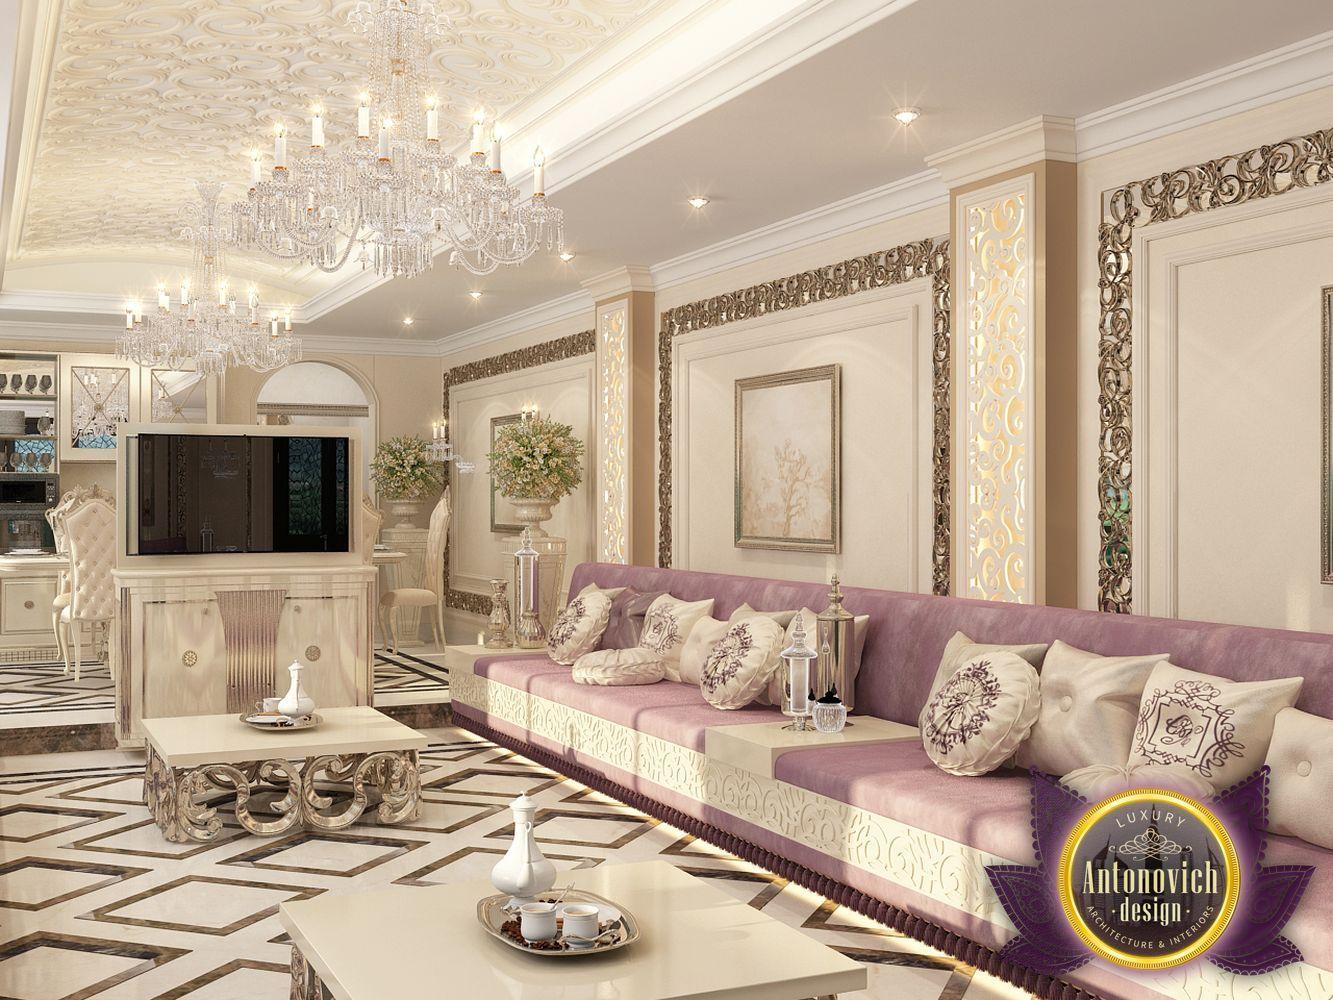 Kenyadesign Living Room Design In Kenya Of Luxury Beach House Style Bedroom Luxury Interior Design Luxury Living Room Luxury Interior Design Living Room